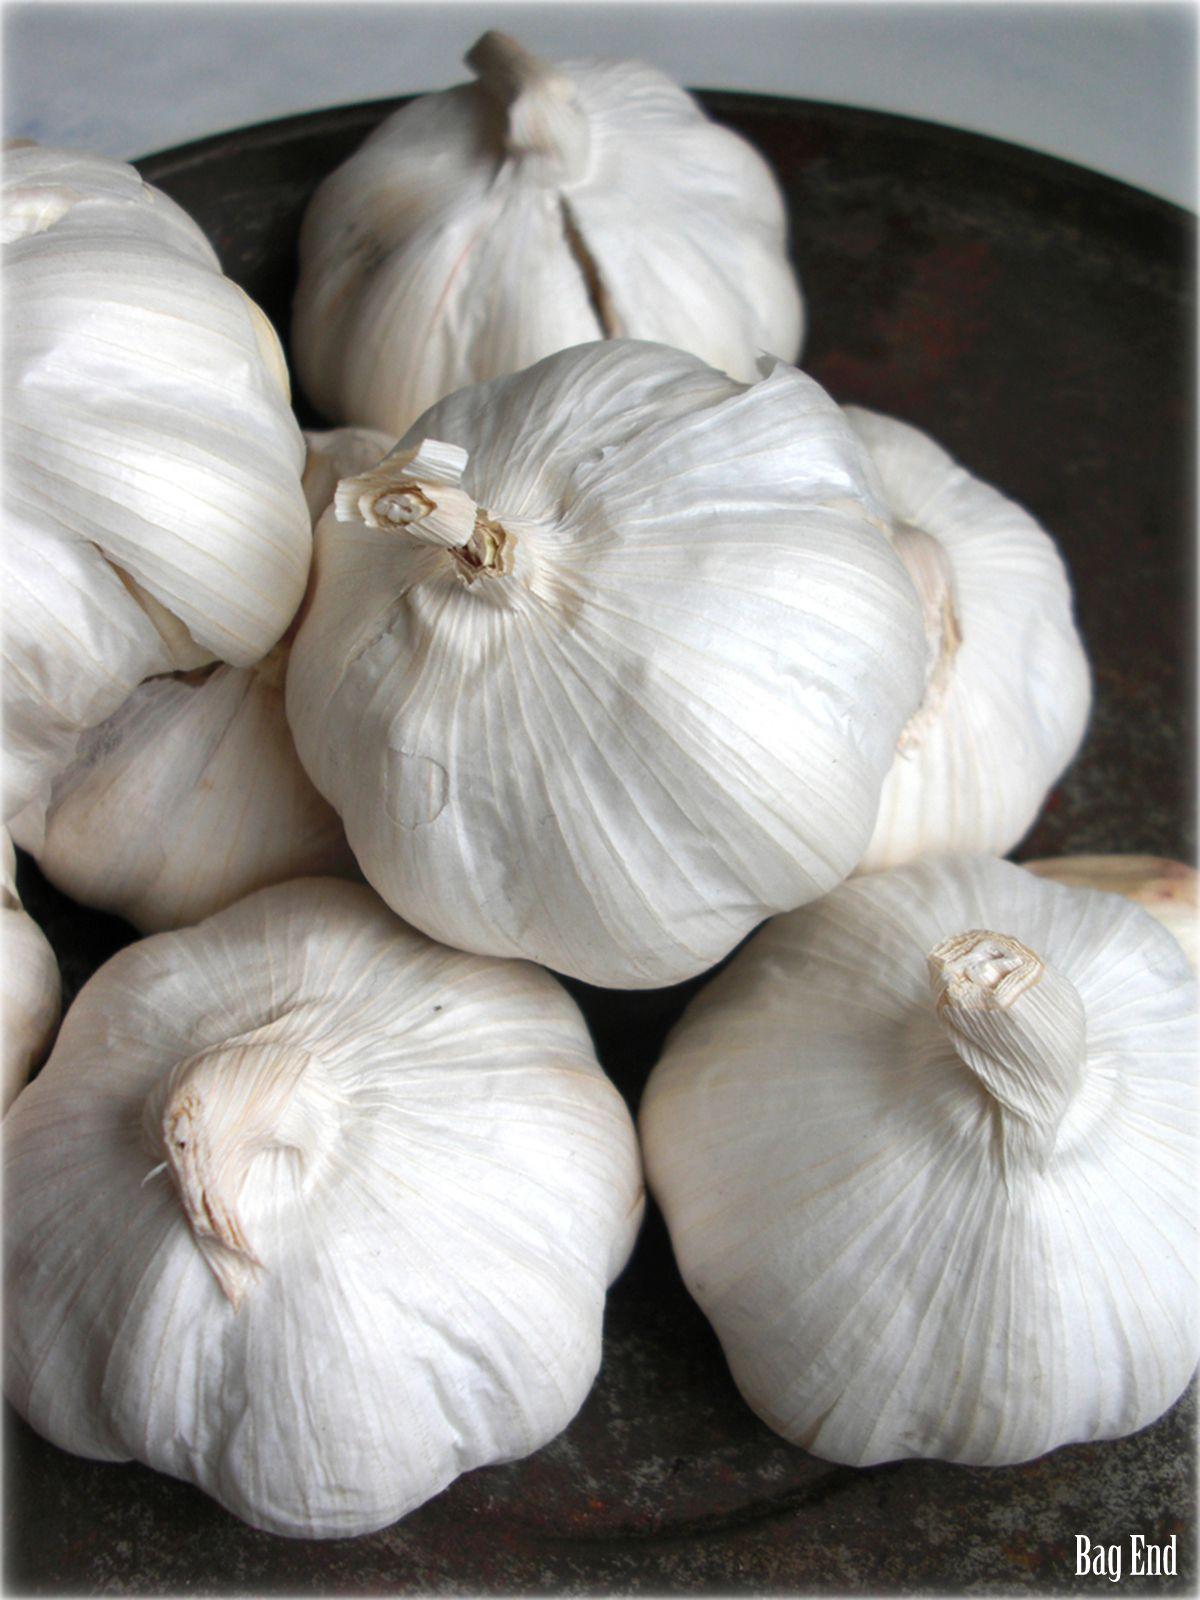 Kitchen details - garlic / Keittiön yksityiskohtia - valkosipuli